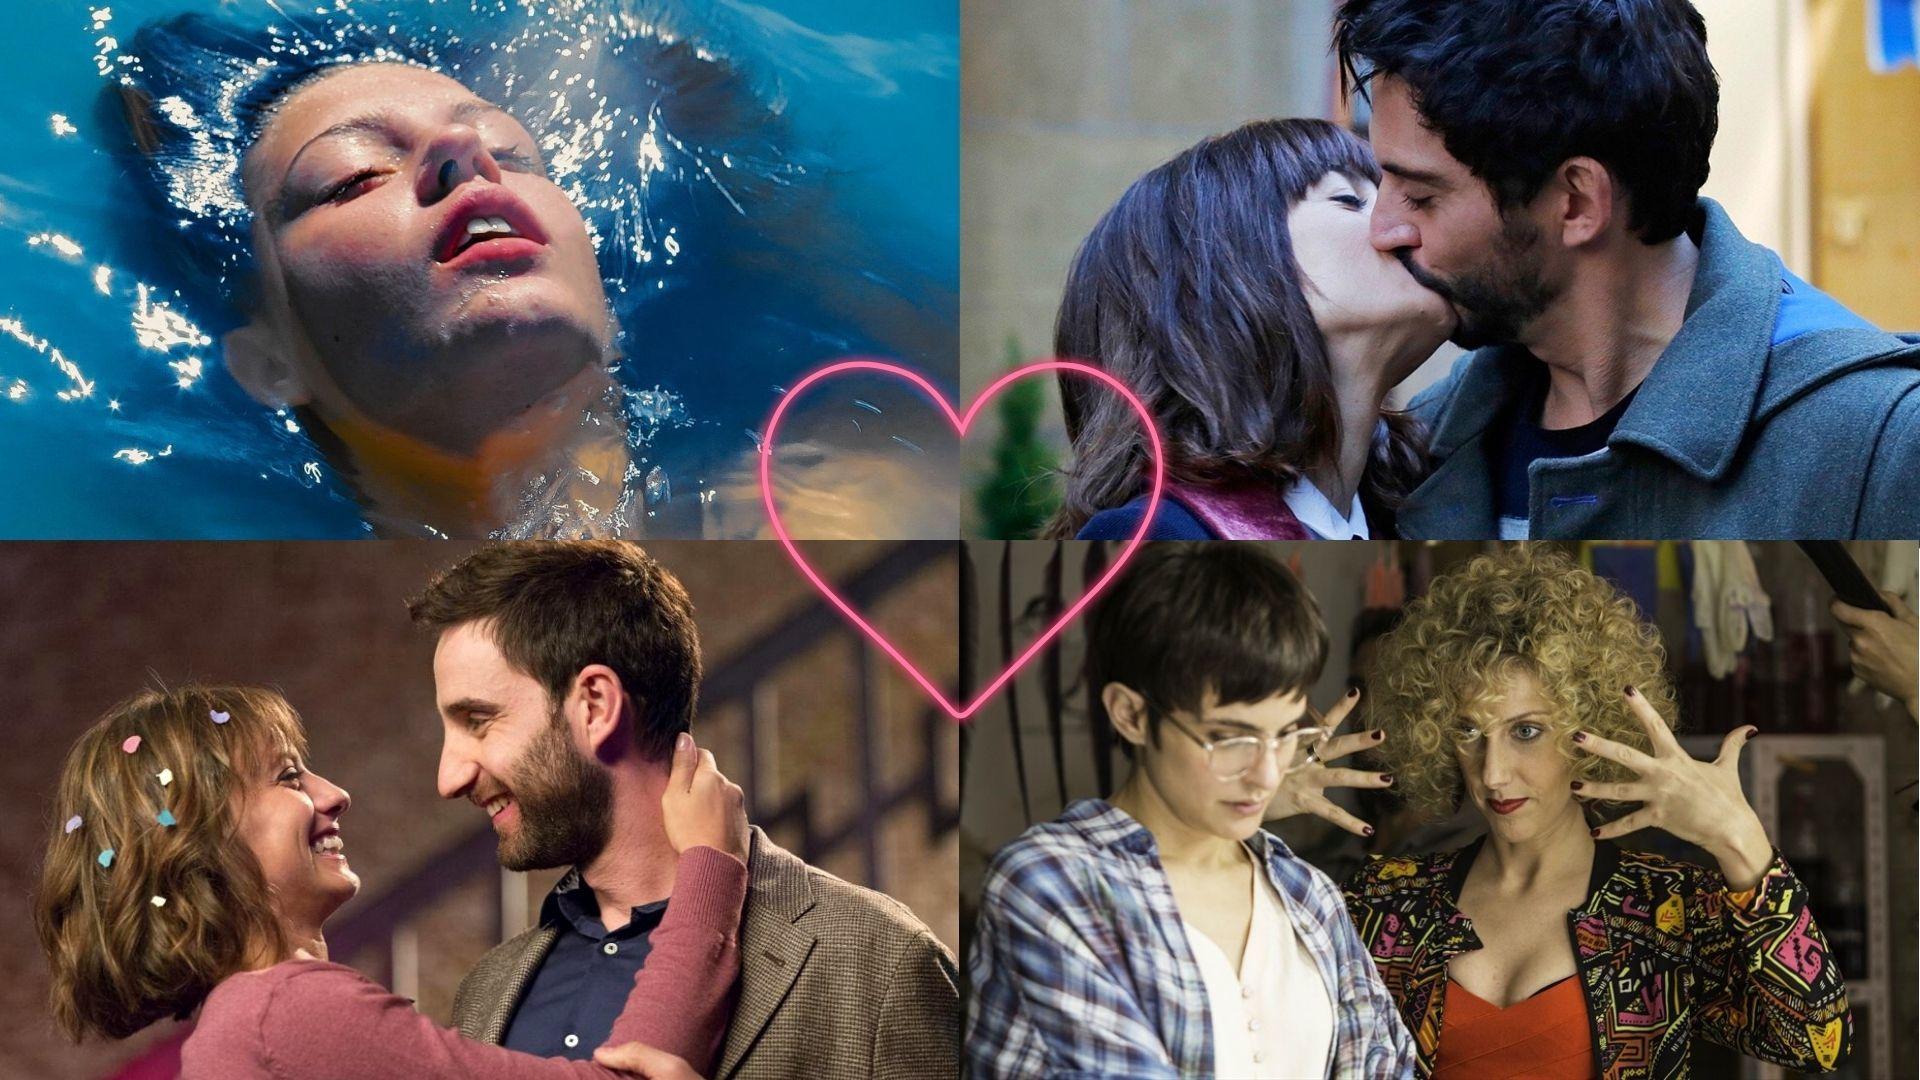 Cine Online Gratuito Para San Valentín Somos Cine